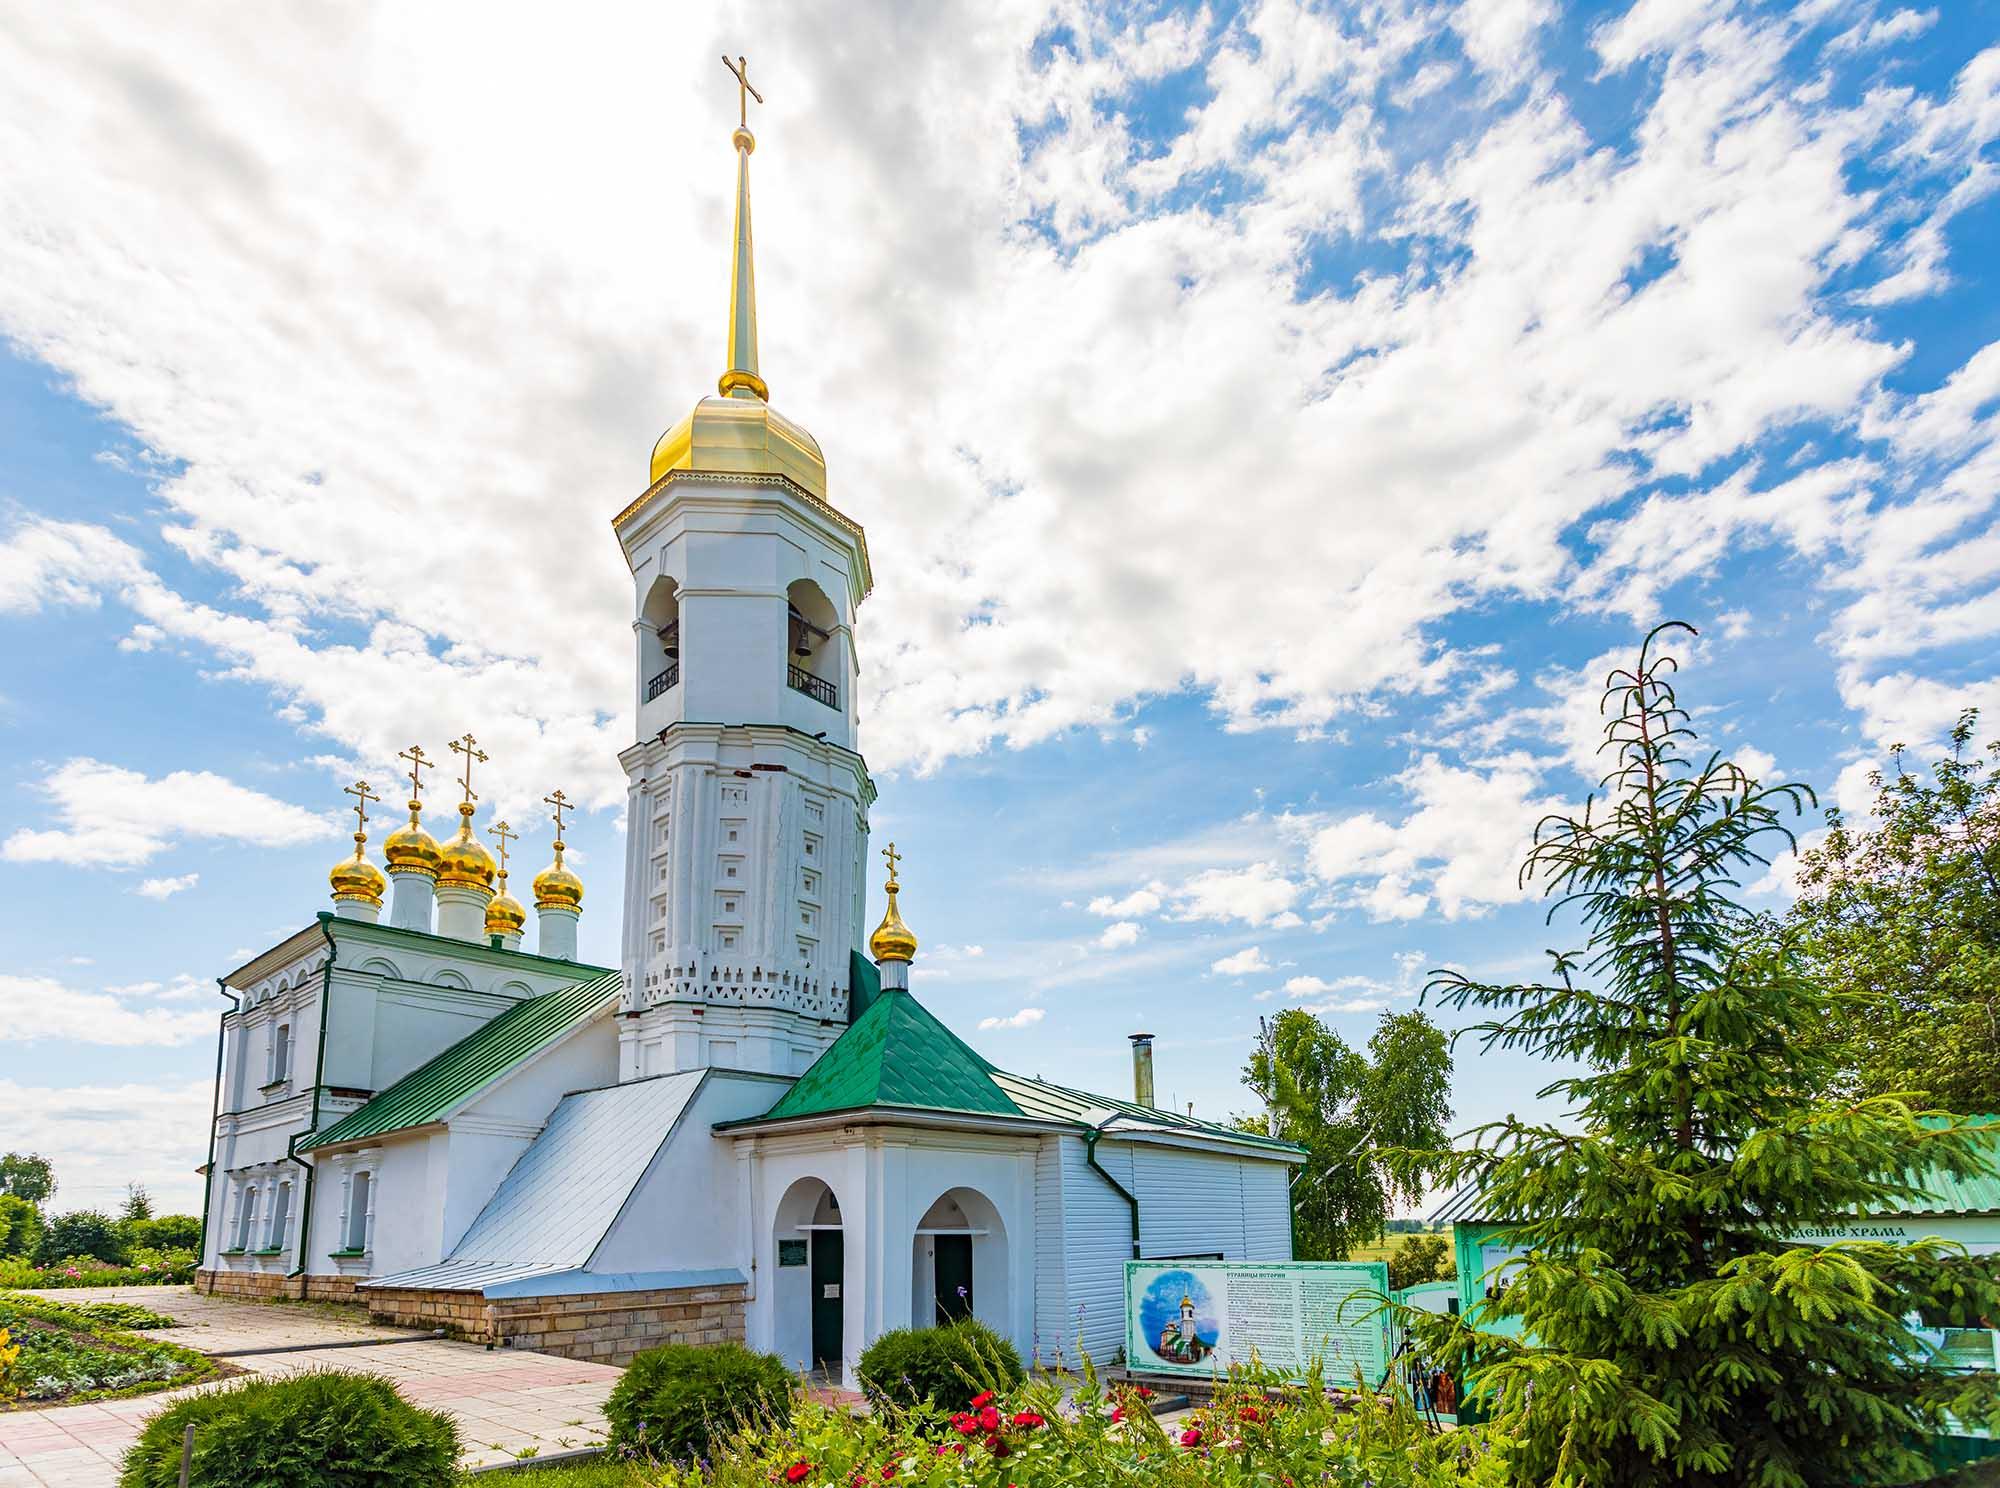 Церковь Иоанна Богослова в Арзамасе включили в единый государственный реестр ОКН